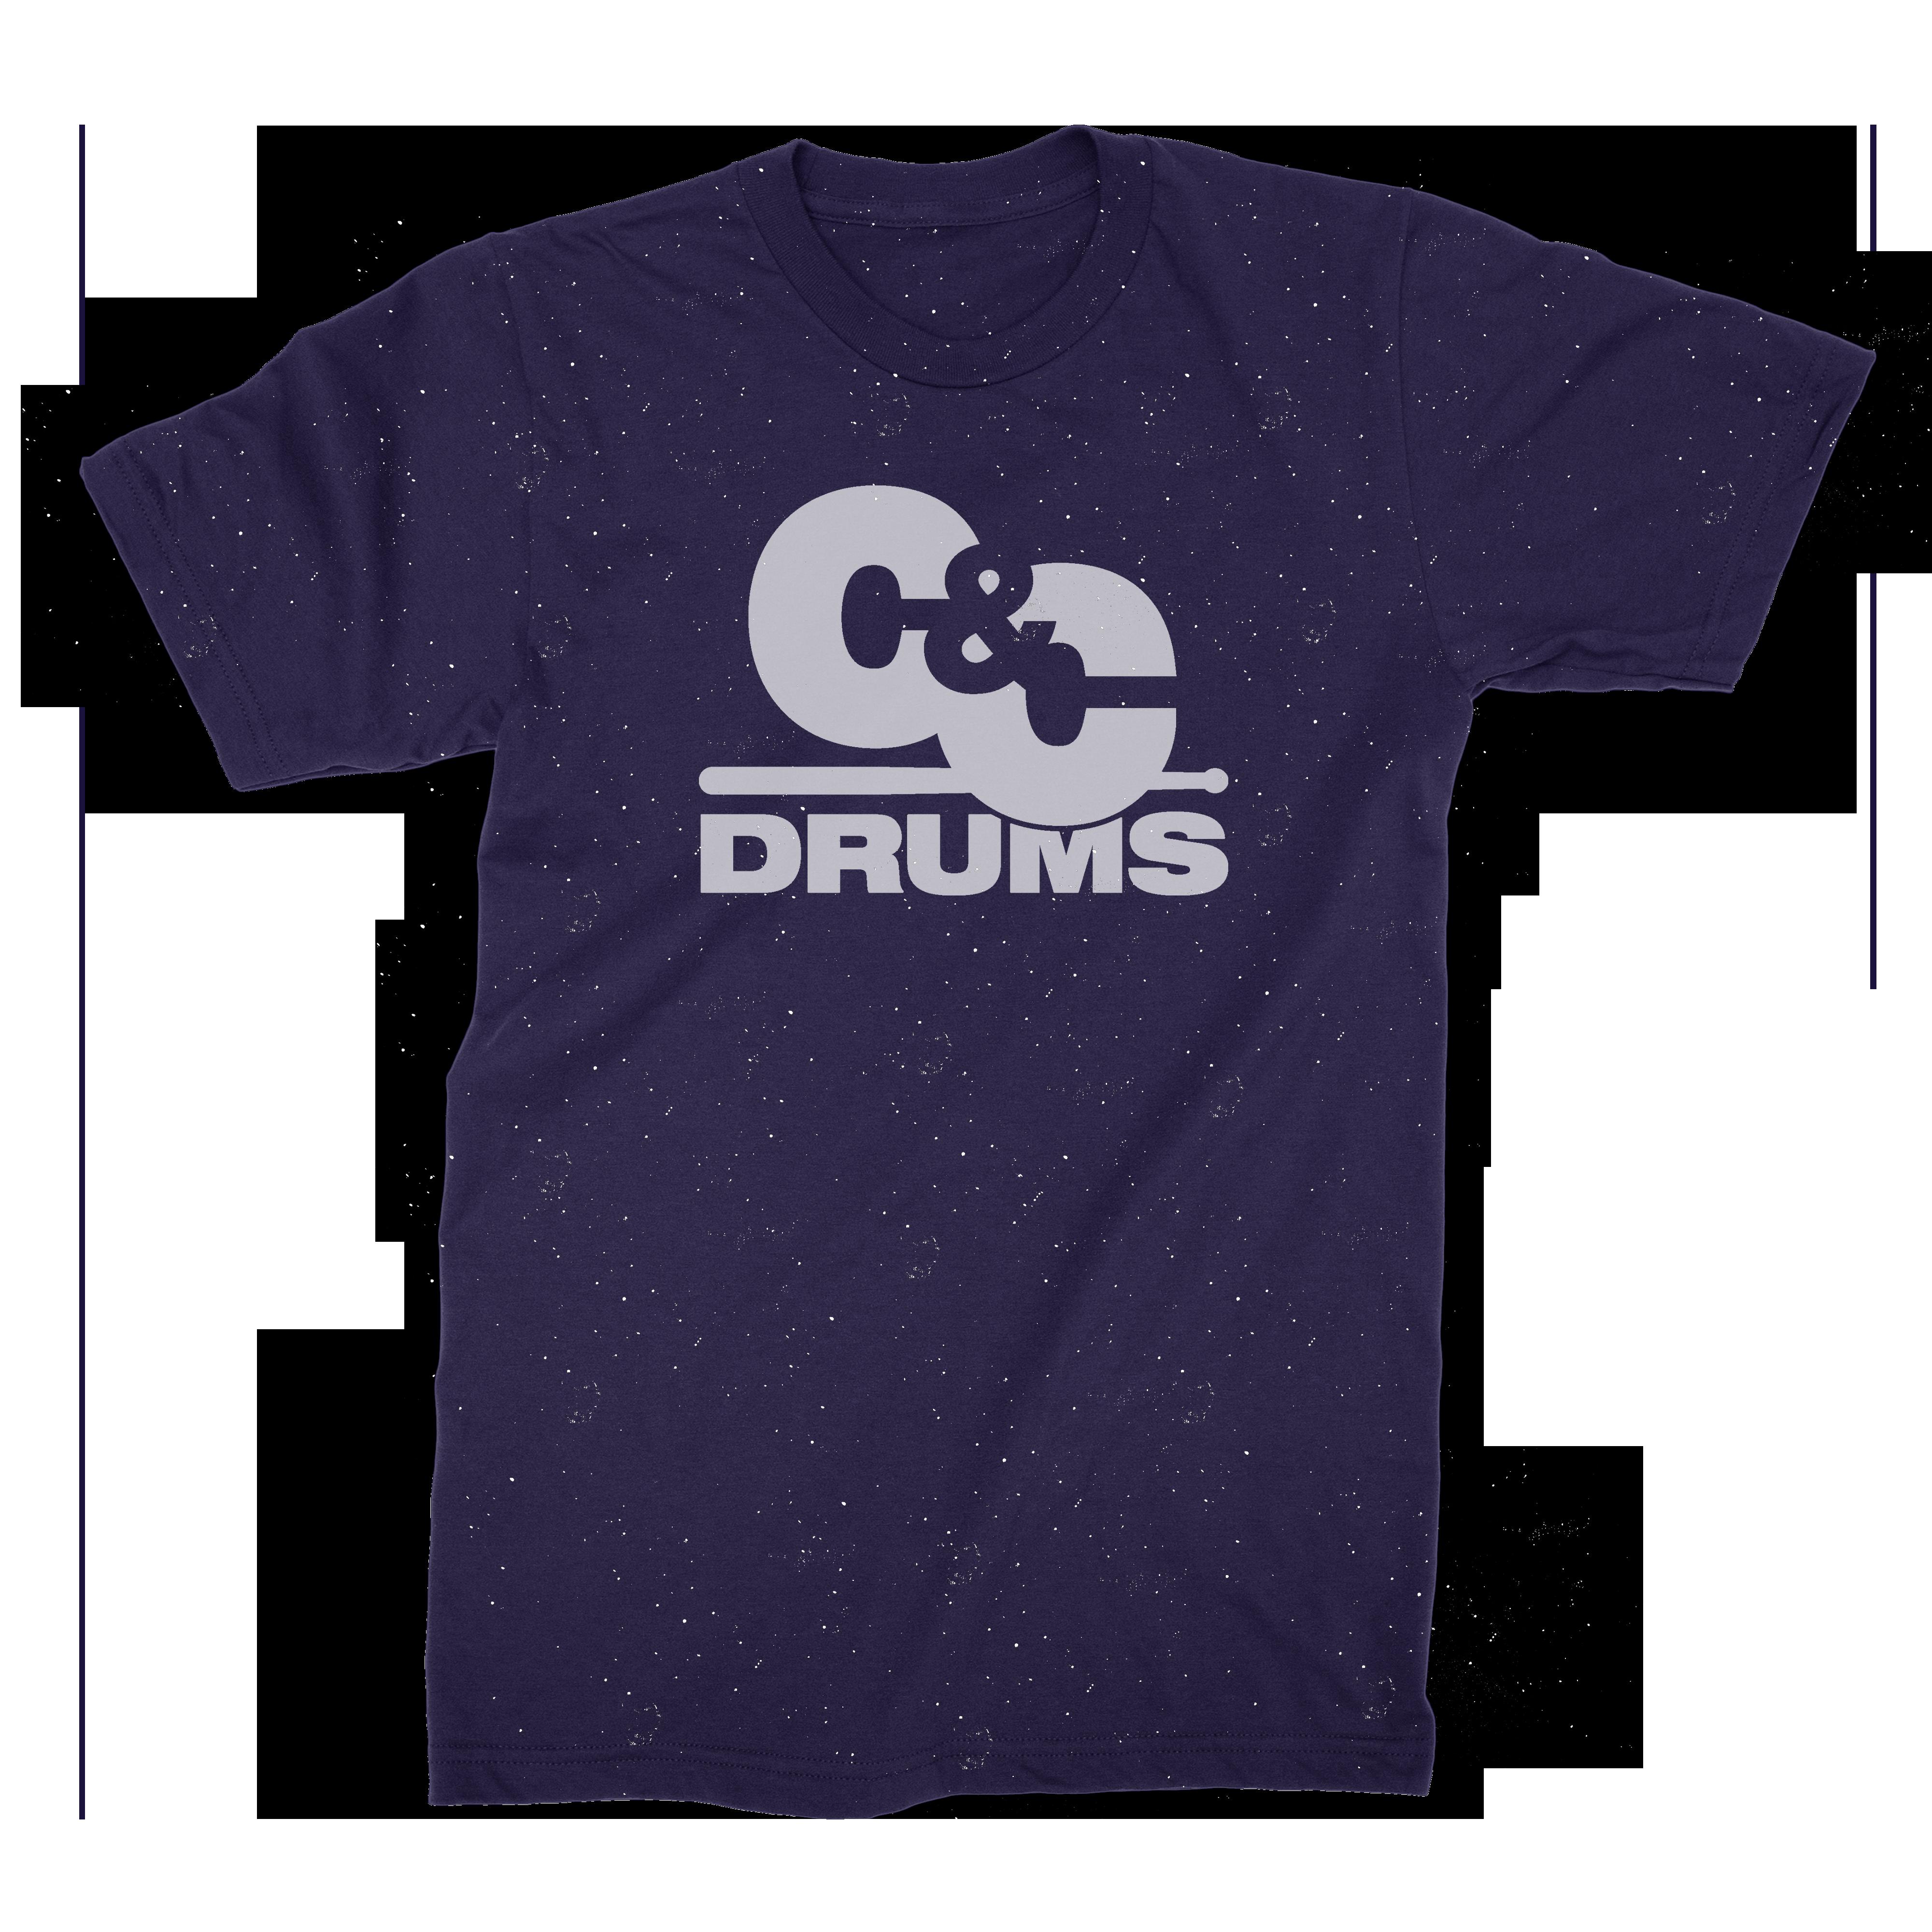 70s Tee - Speckled Navy - C&C Drums